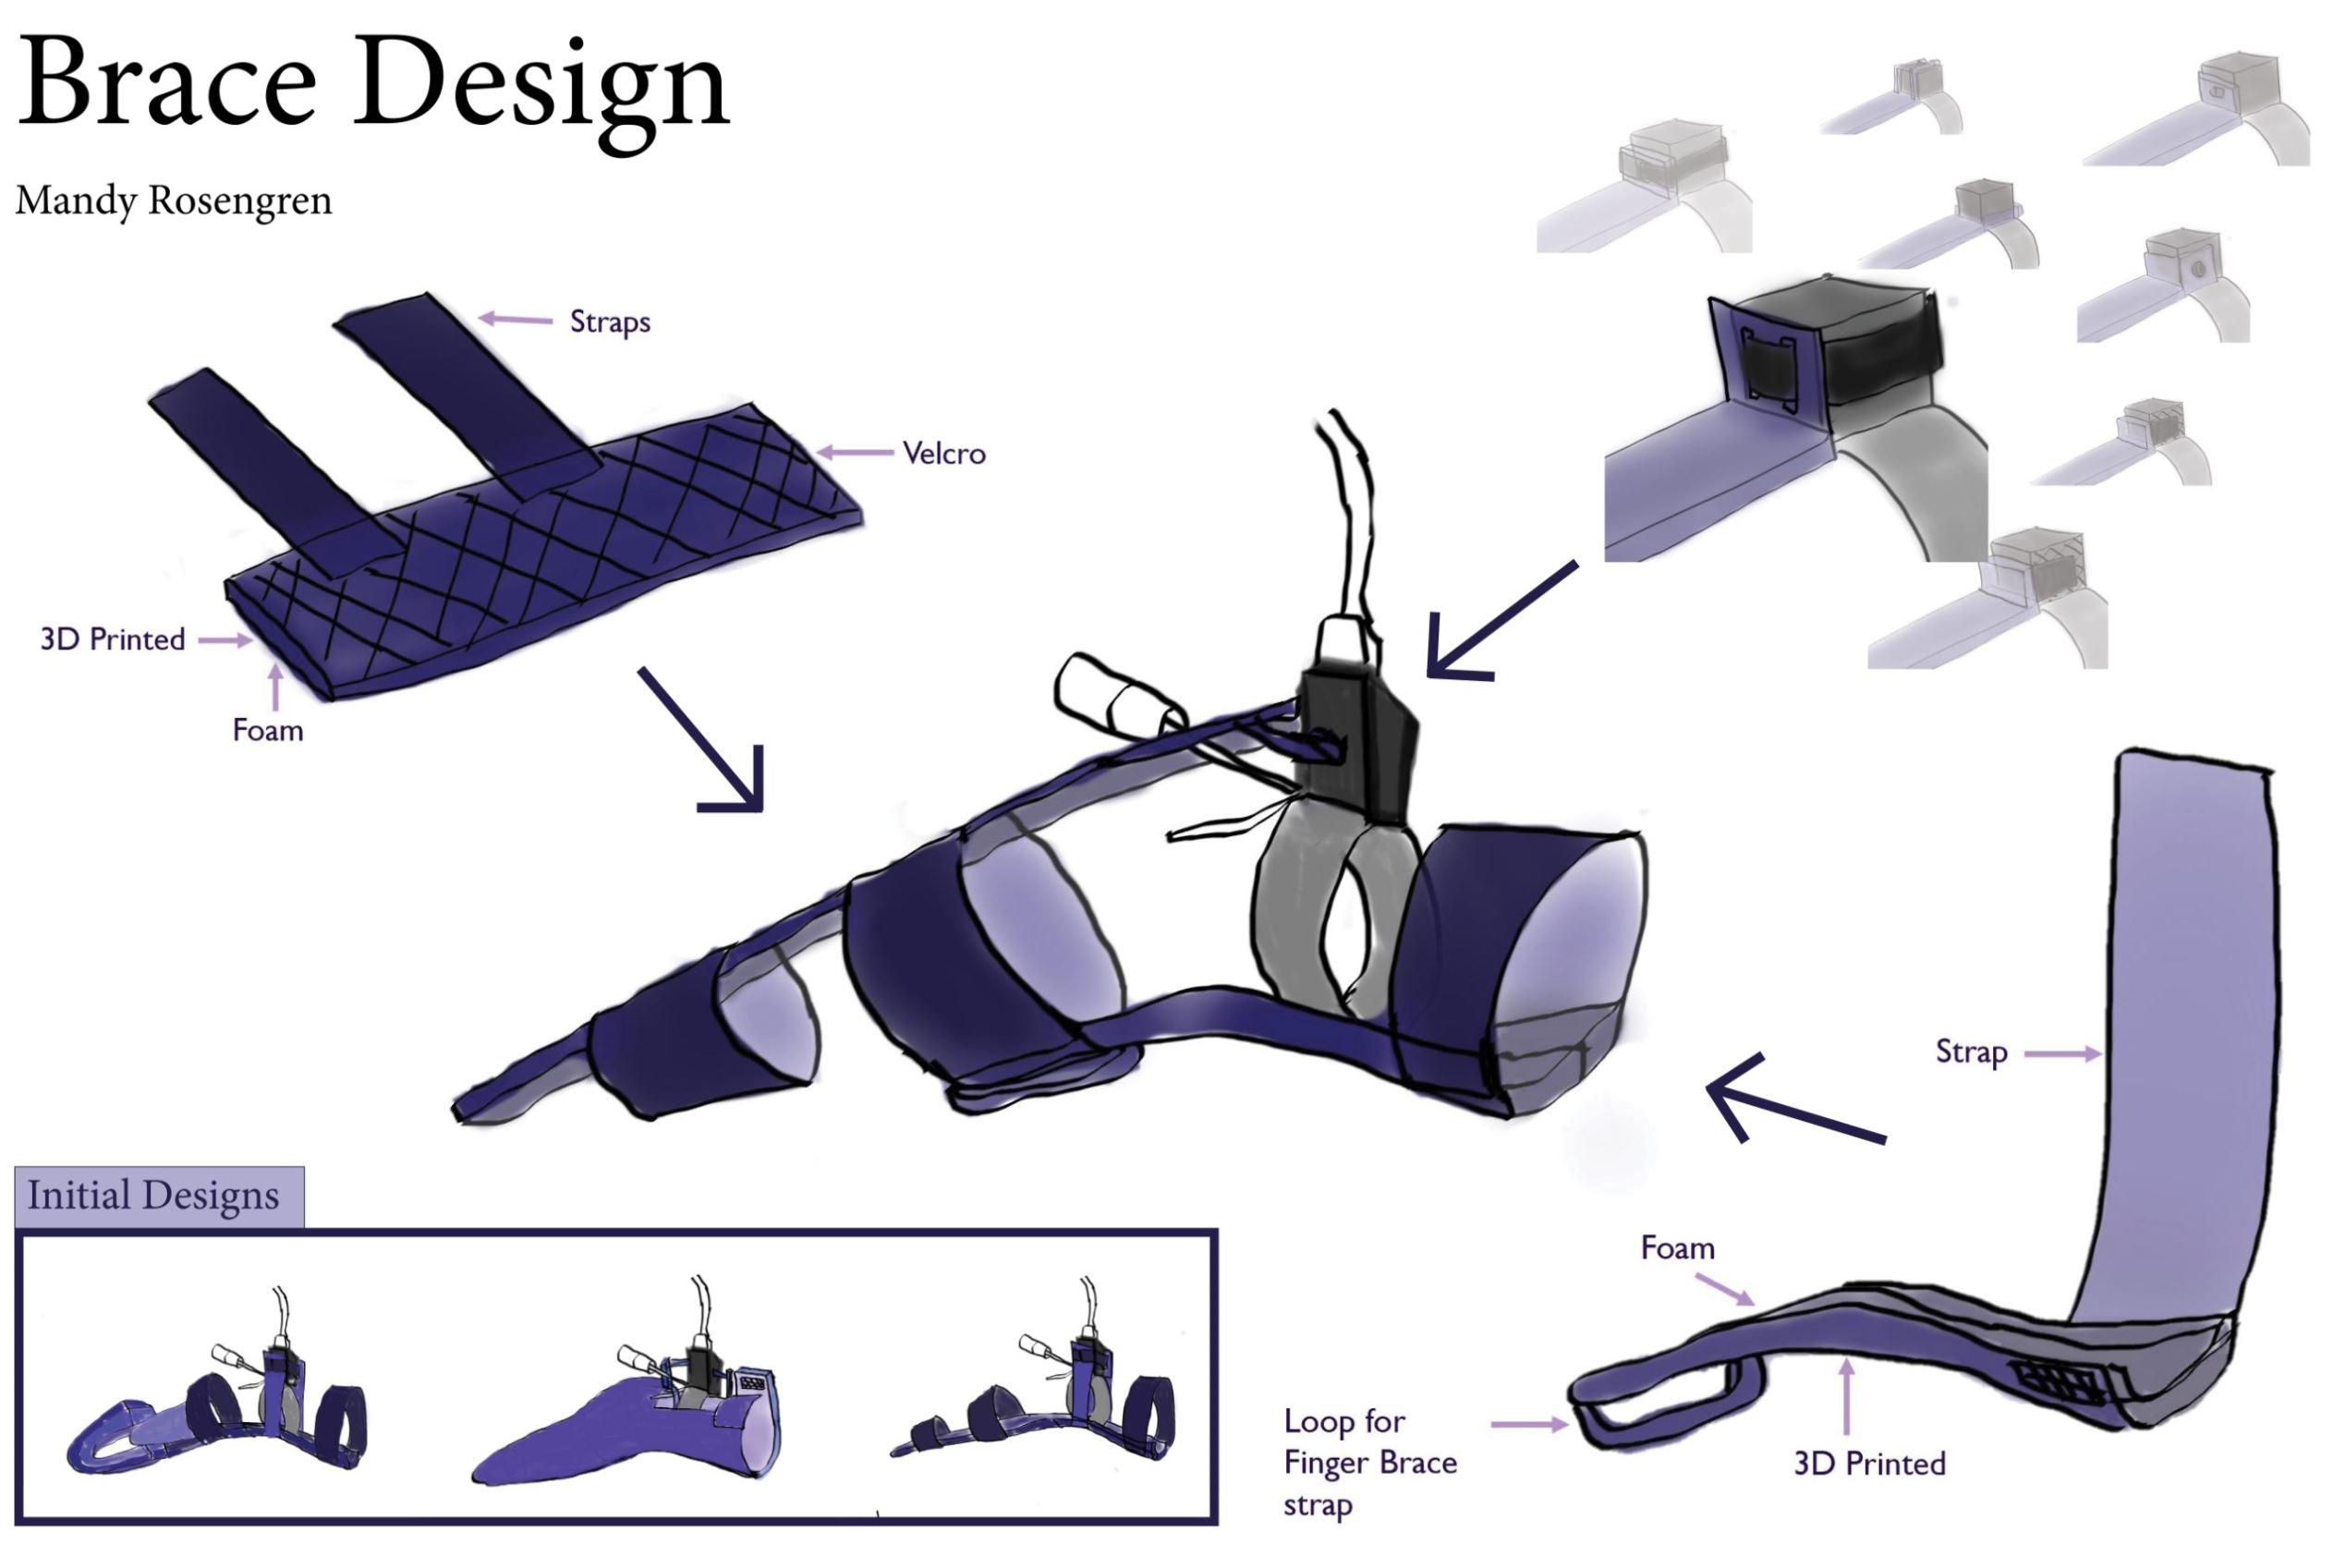 Brace Design